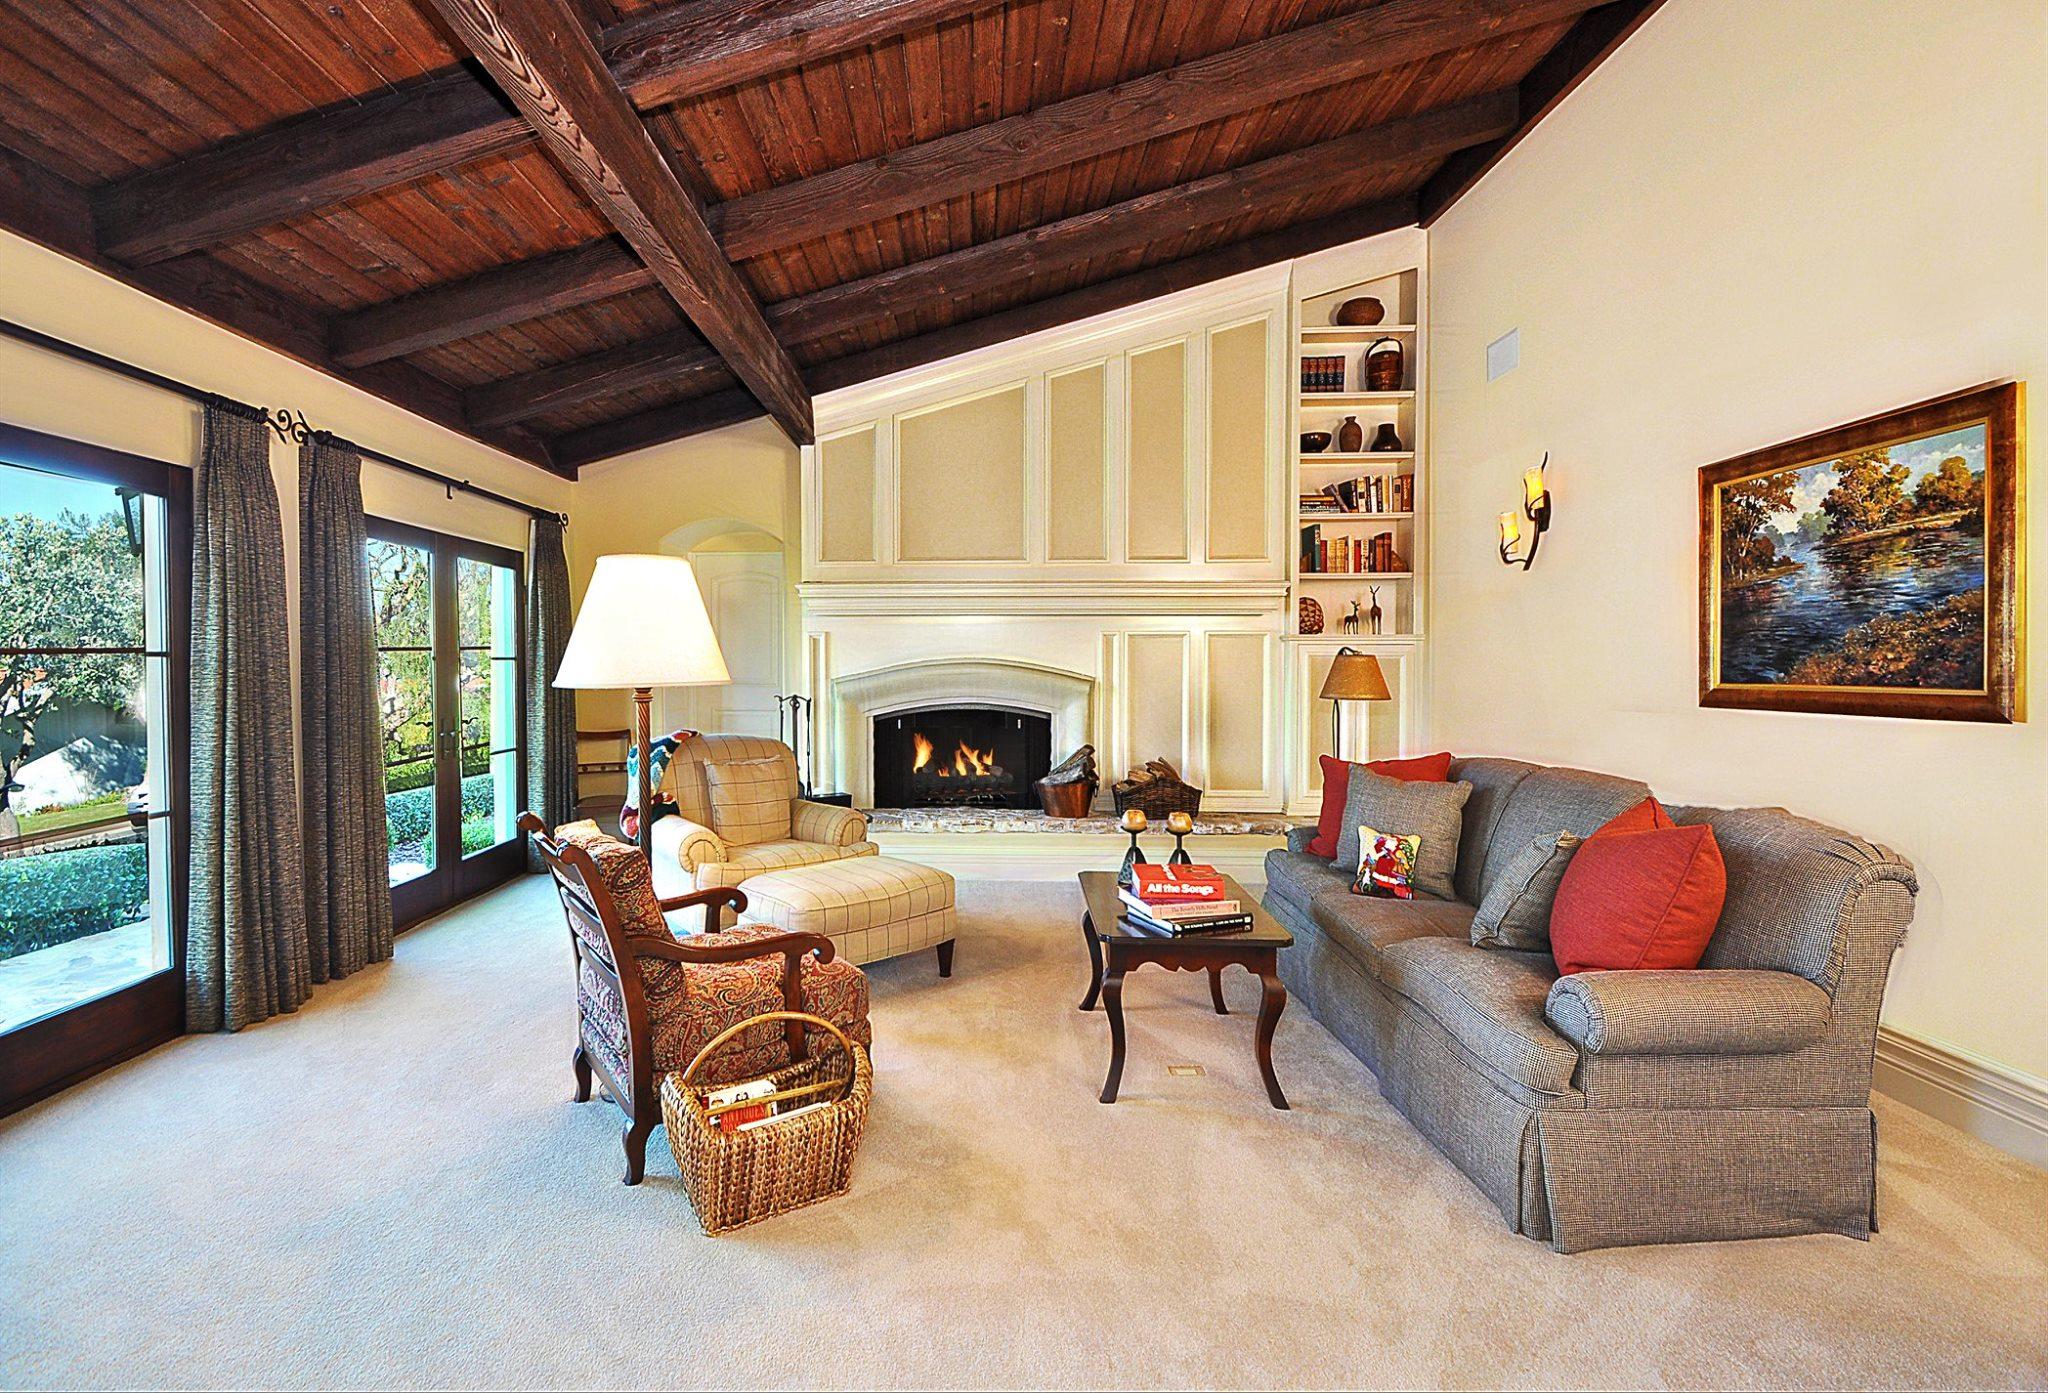 ViaArco_LivingRoom_Fireplace.jpg